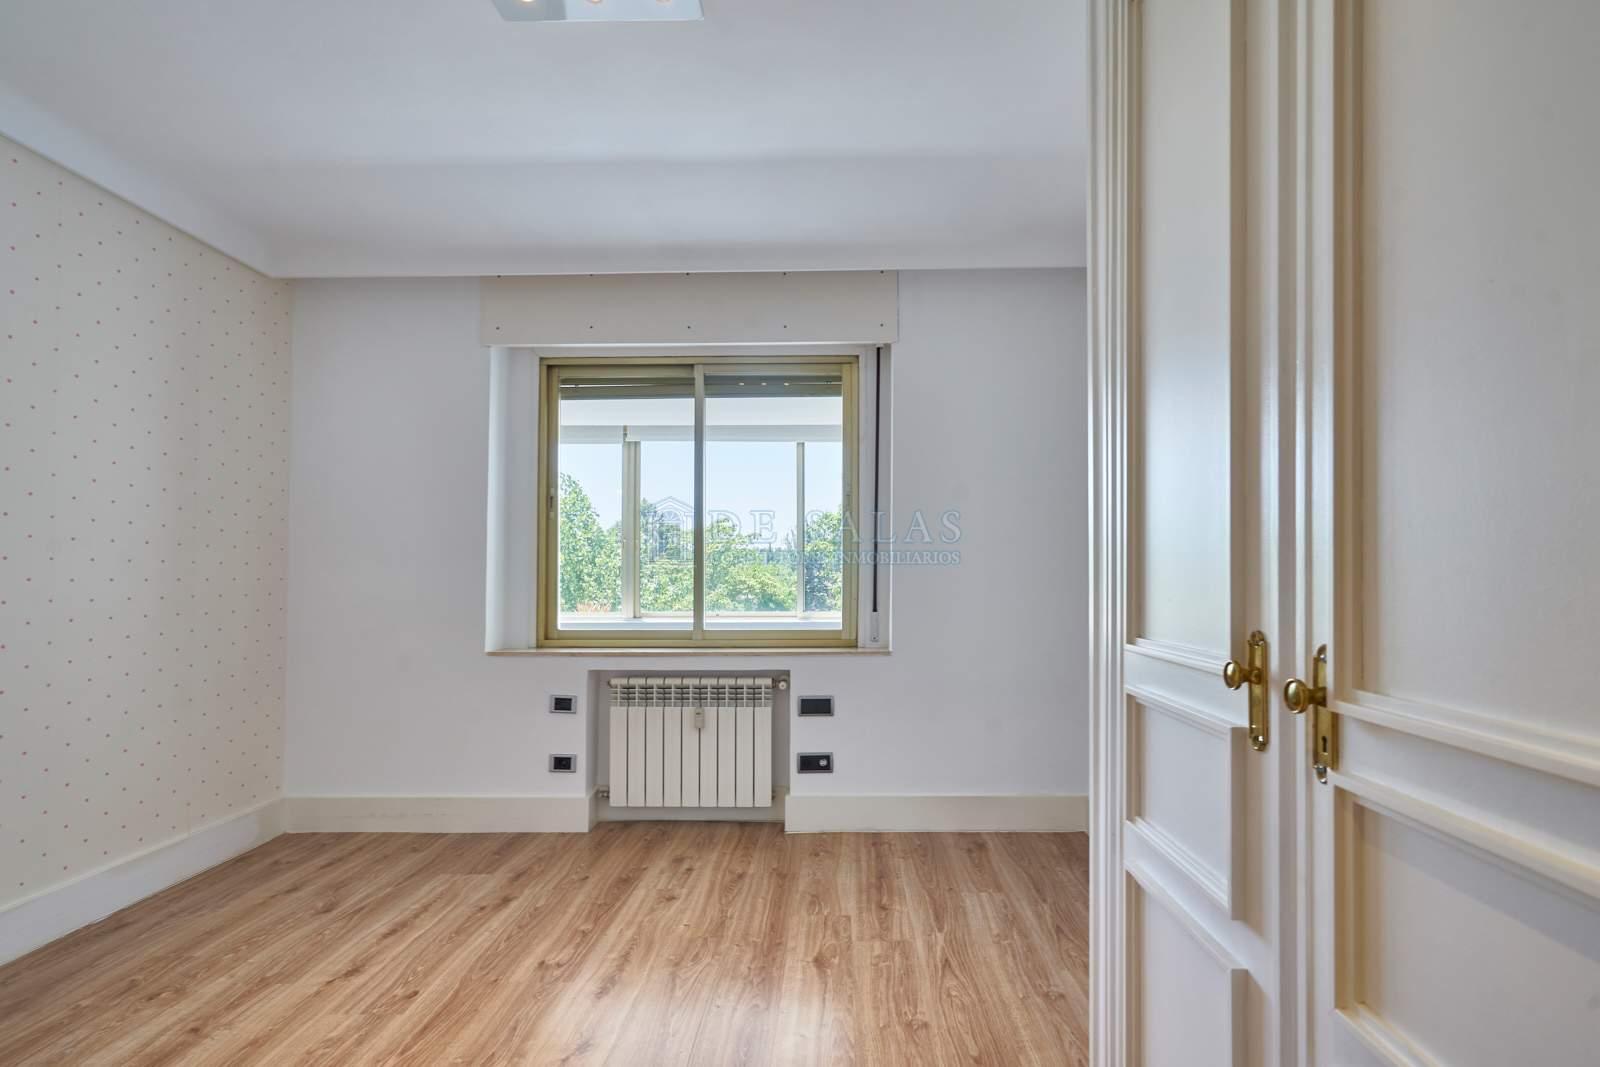 Dormitorio-0019 Appartement Soto de la Moraleja